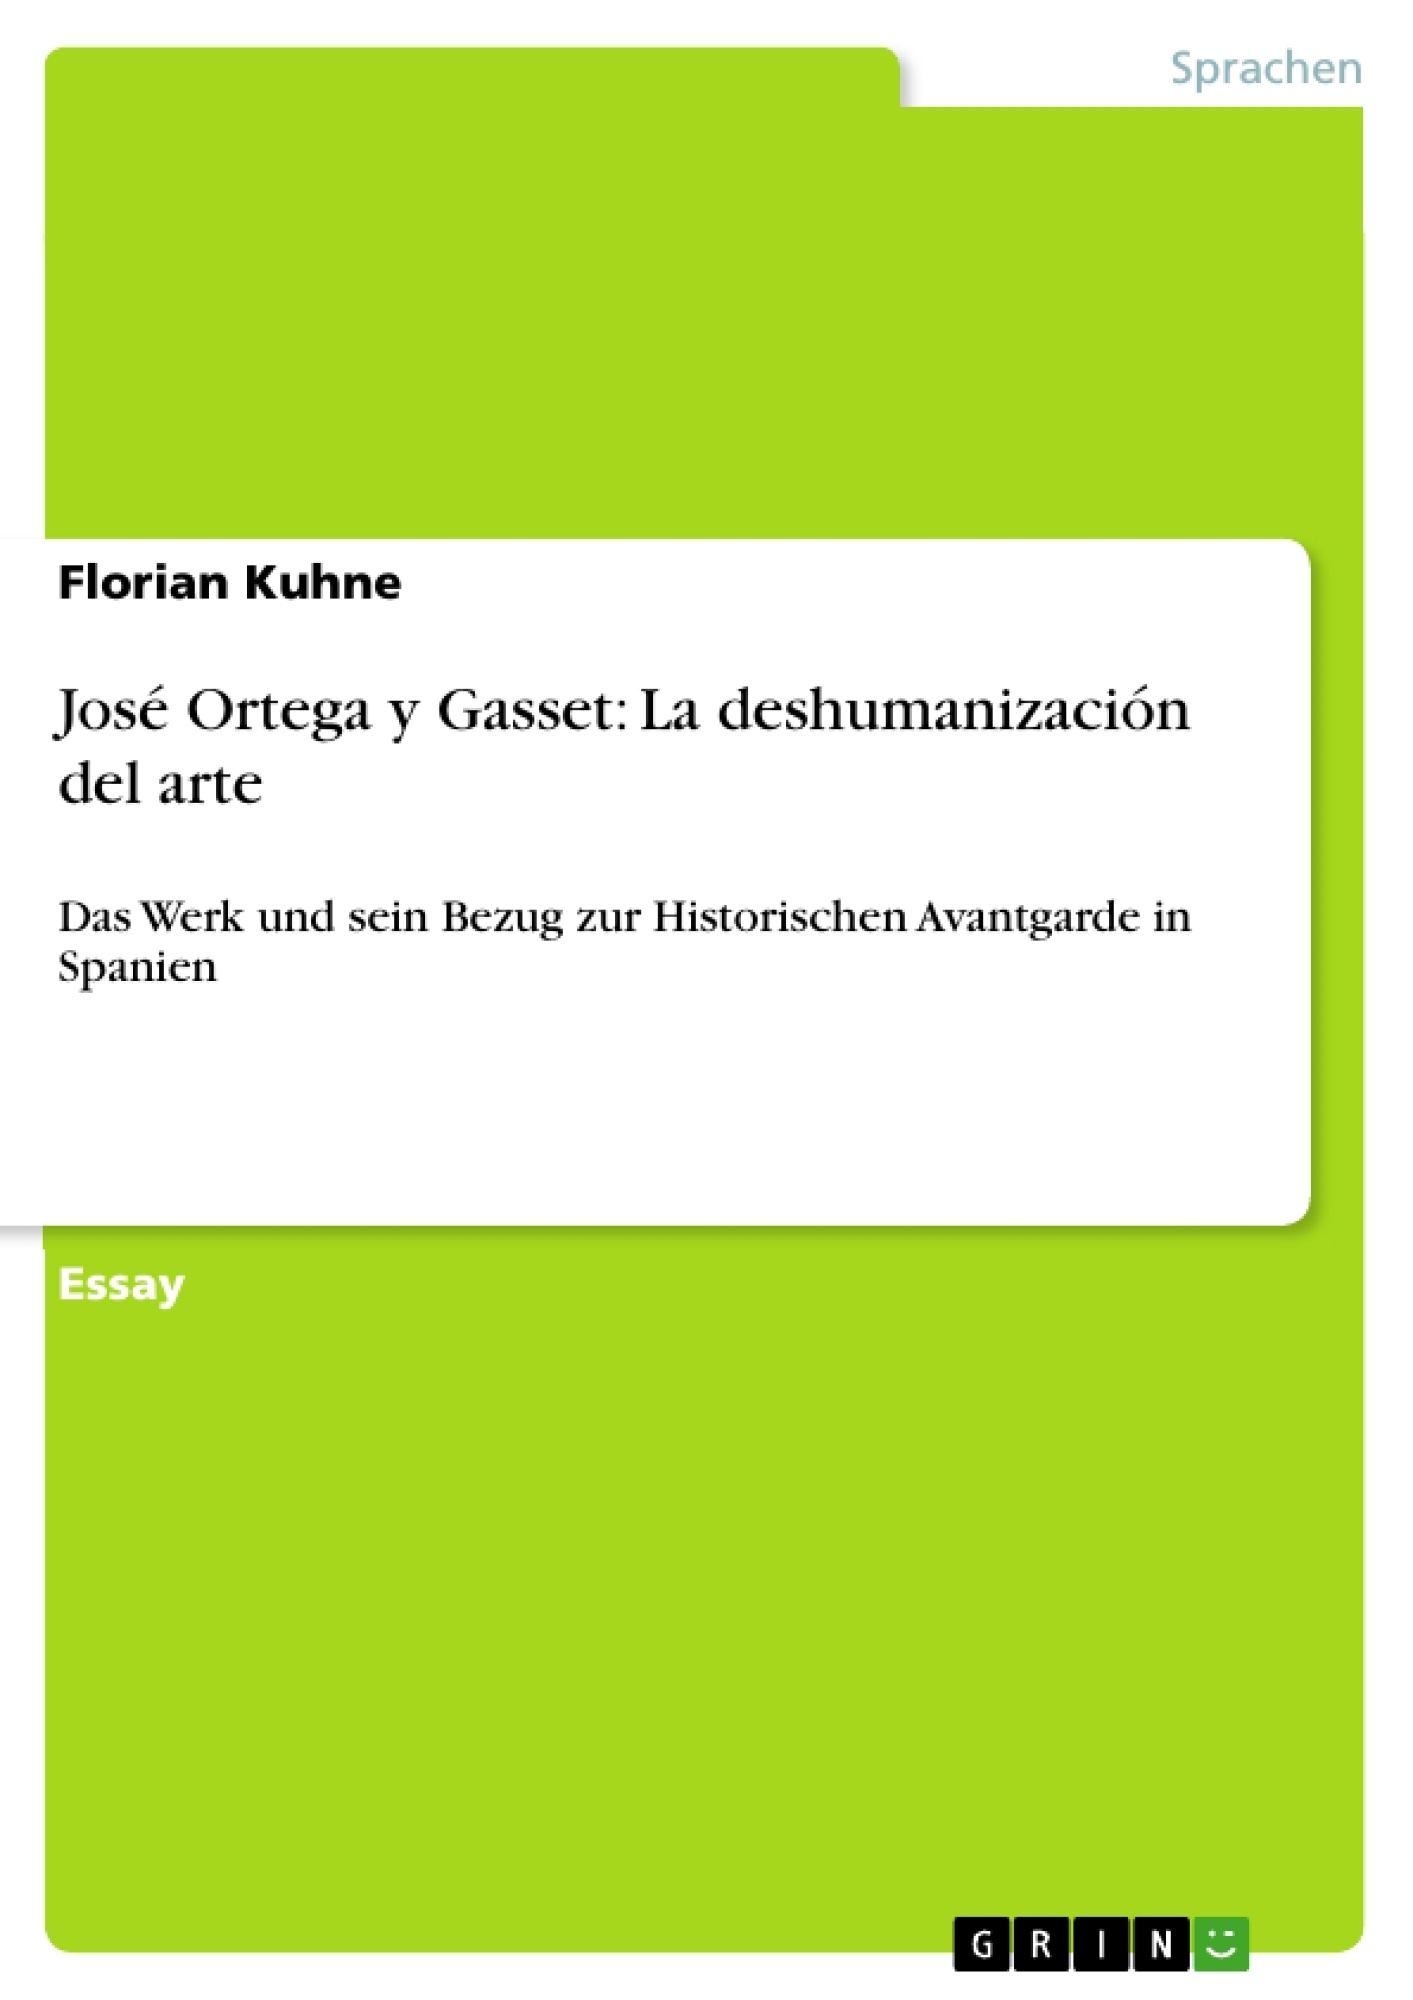 Titel: José Ortega y Gasset: La deshumanización del arte